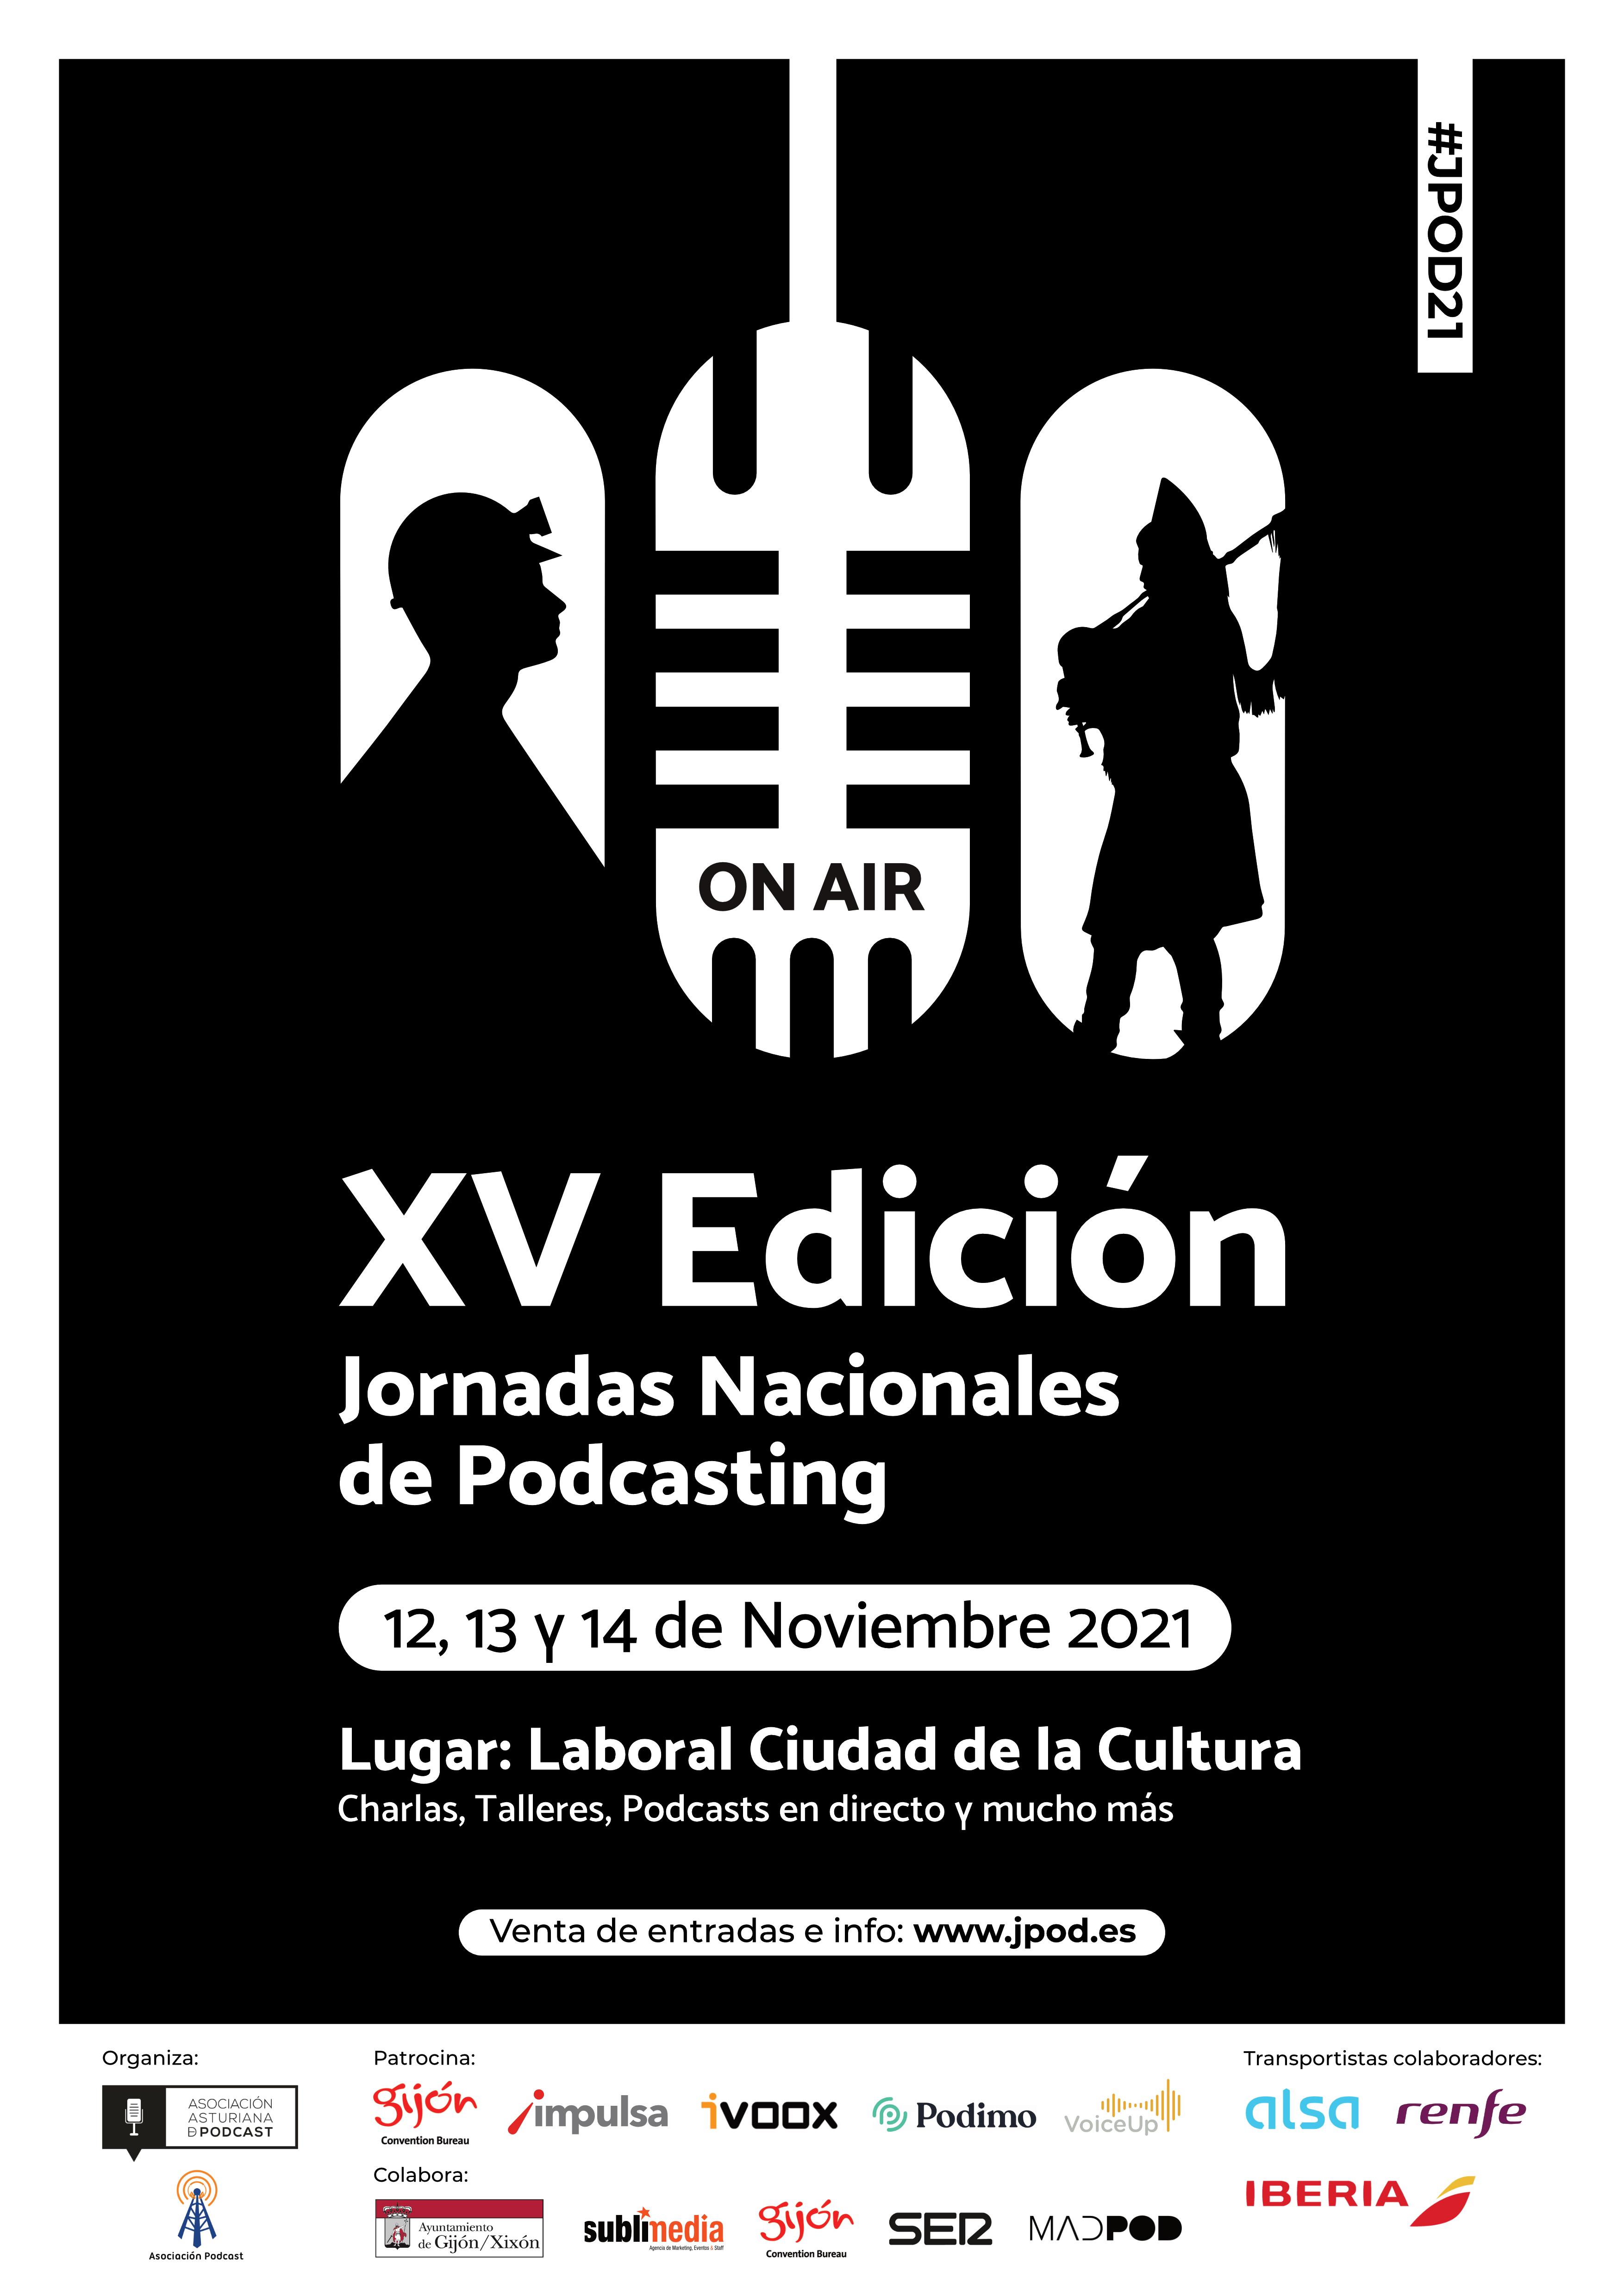 Cartel Jpod21 Gijón/Xixón